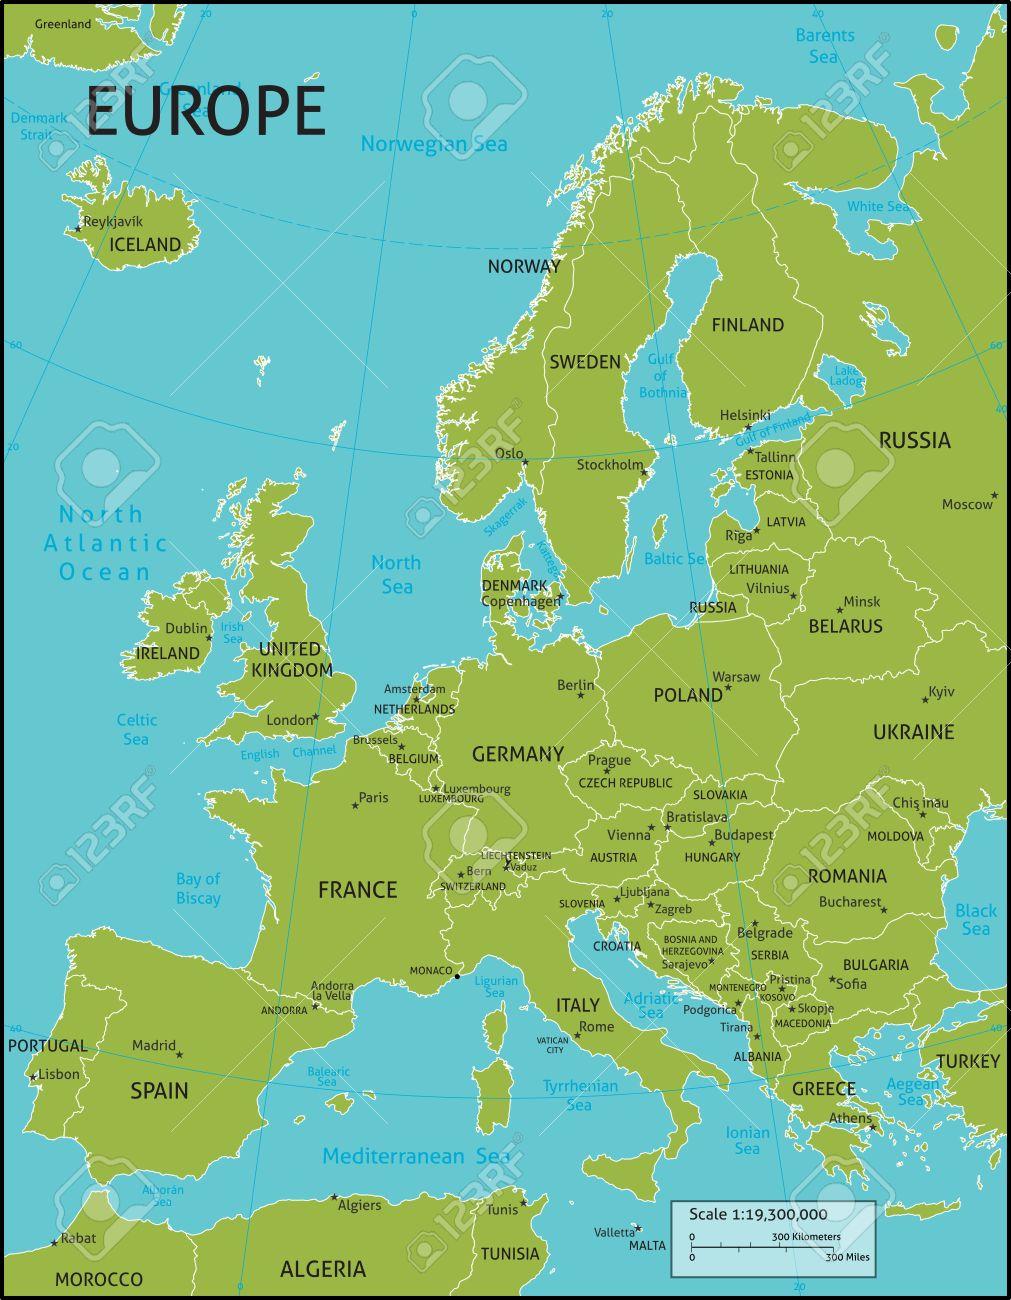 Une Carte De L'europe Avec Tous Les Noms De Pays, Et Les Capitales De Pays.  Organisé Dans La Version De Vecteur Dans Facile D'utiliser Des Couches. à Carte Europe Avec Capitale